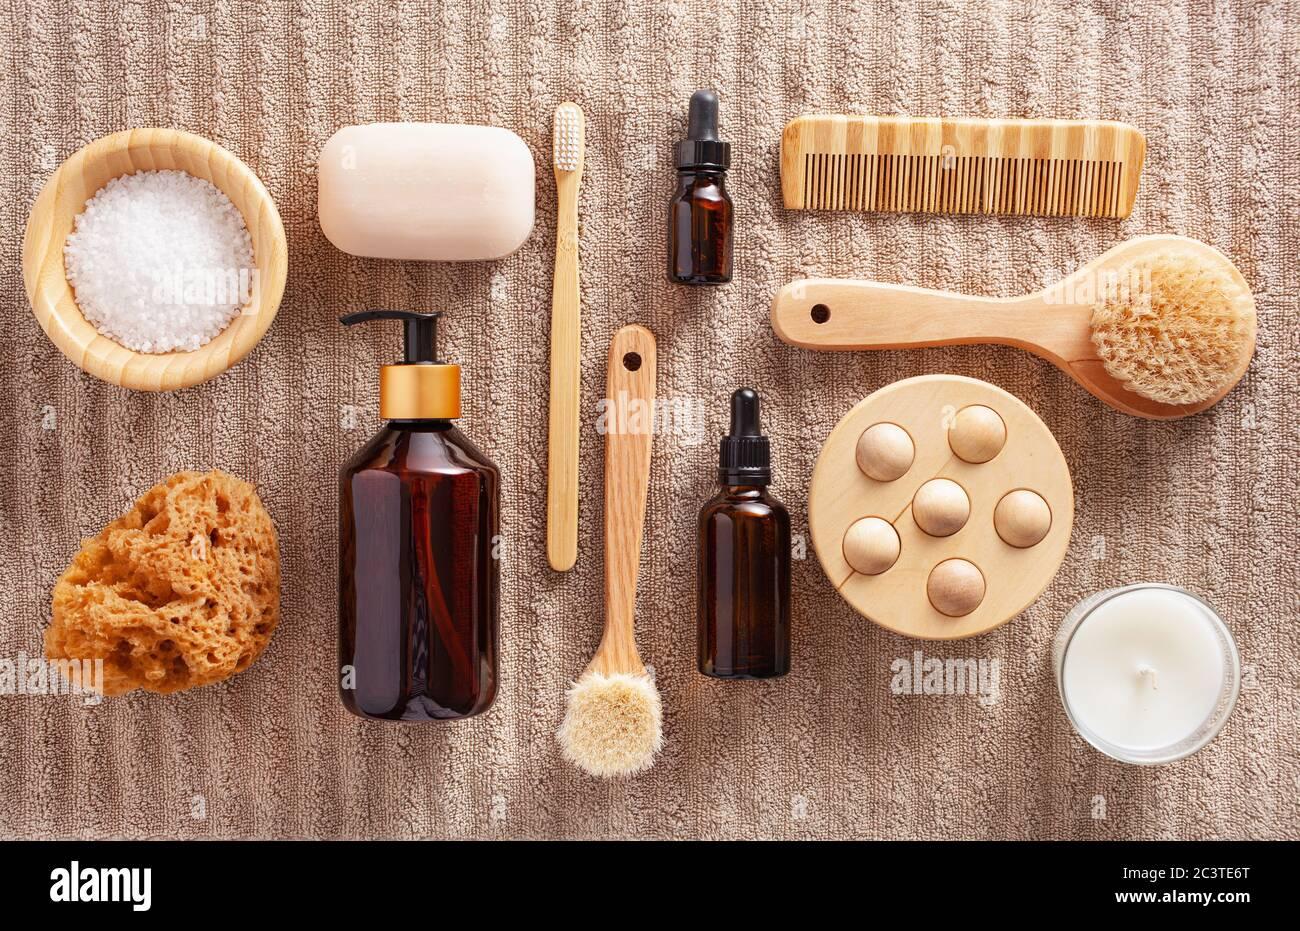 cero residuos eco concepto de higiene de baño amigable. cepillo de dientes de madera jabón de cepillado cosmético Foto de stock